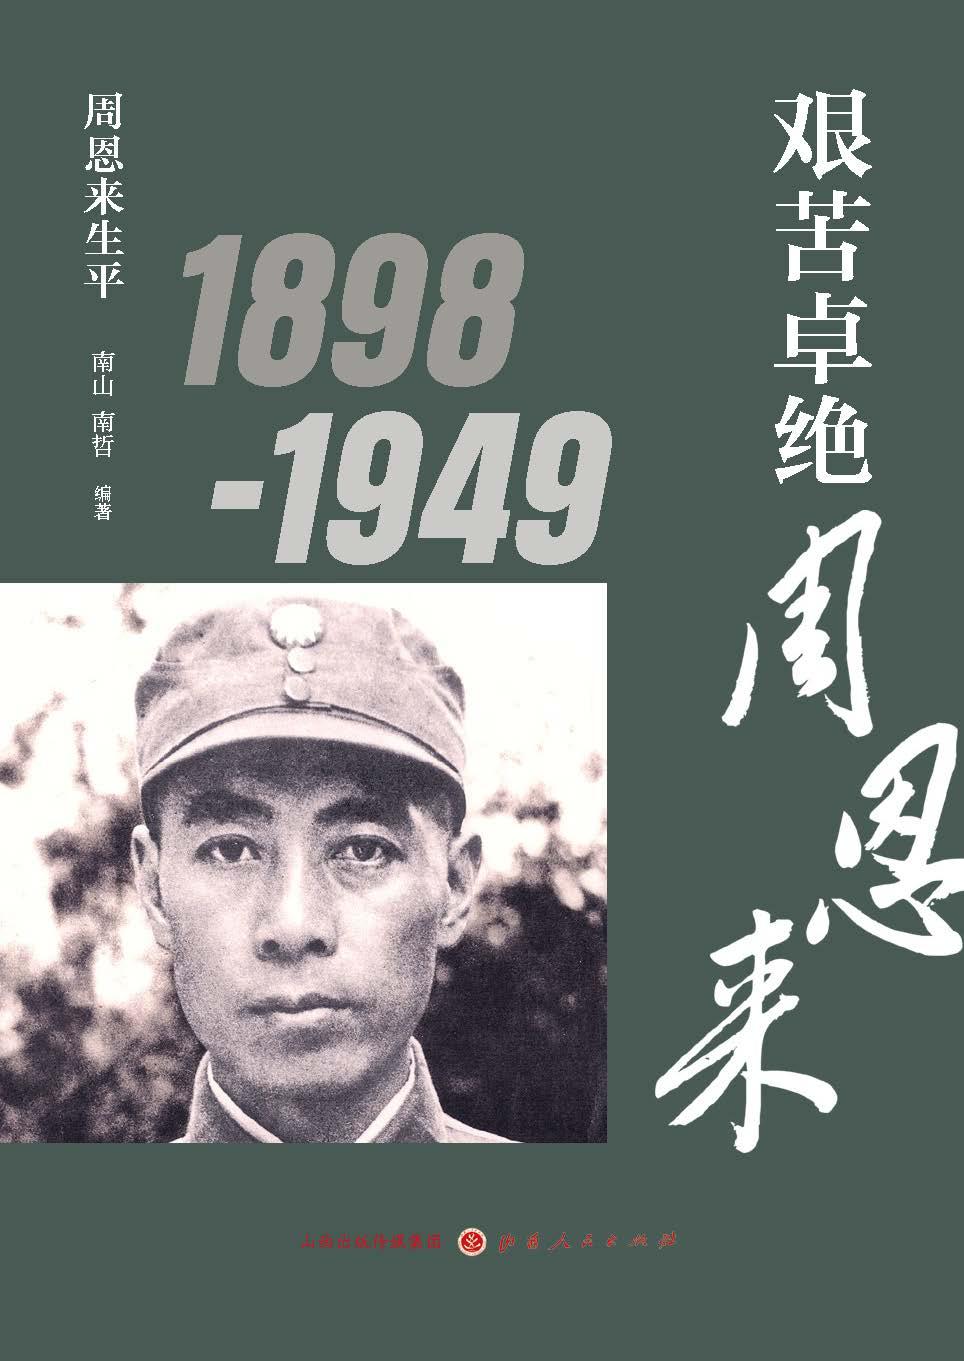 艰苦卓绝周恩来:1898-1949